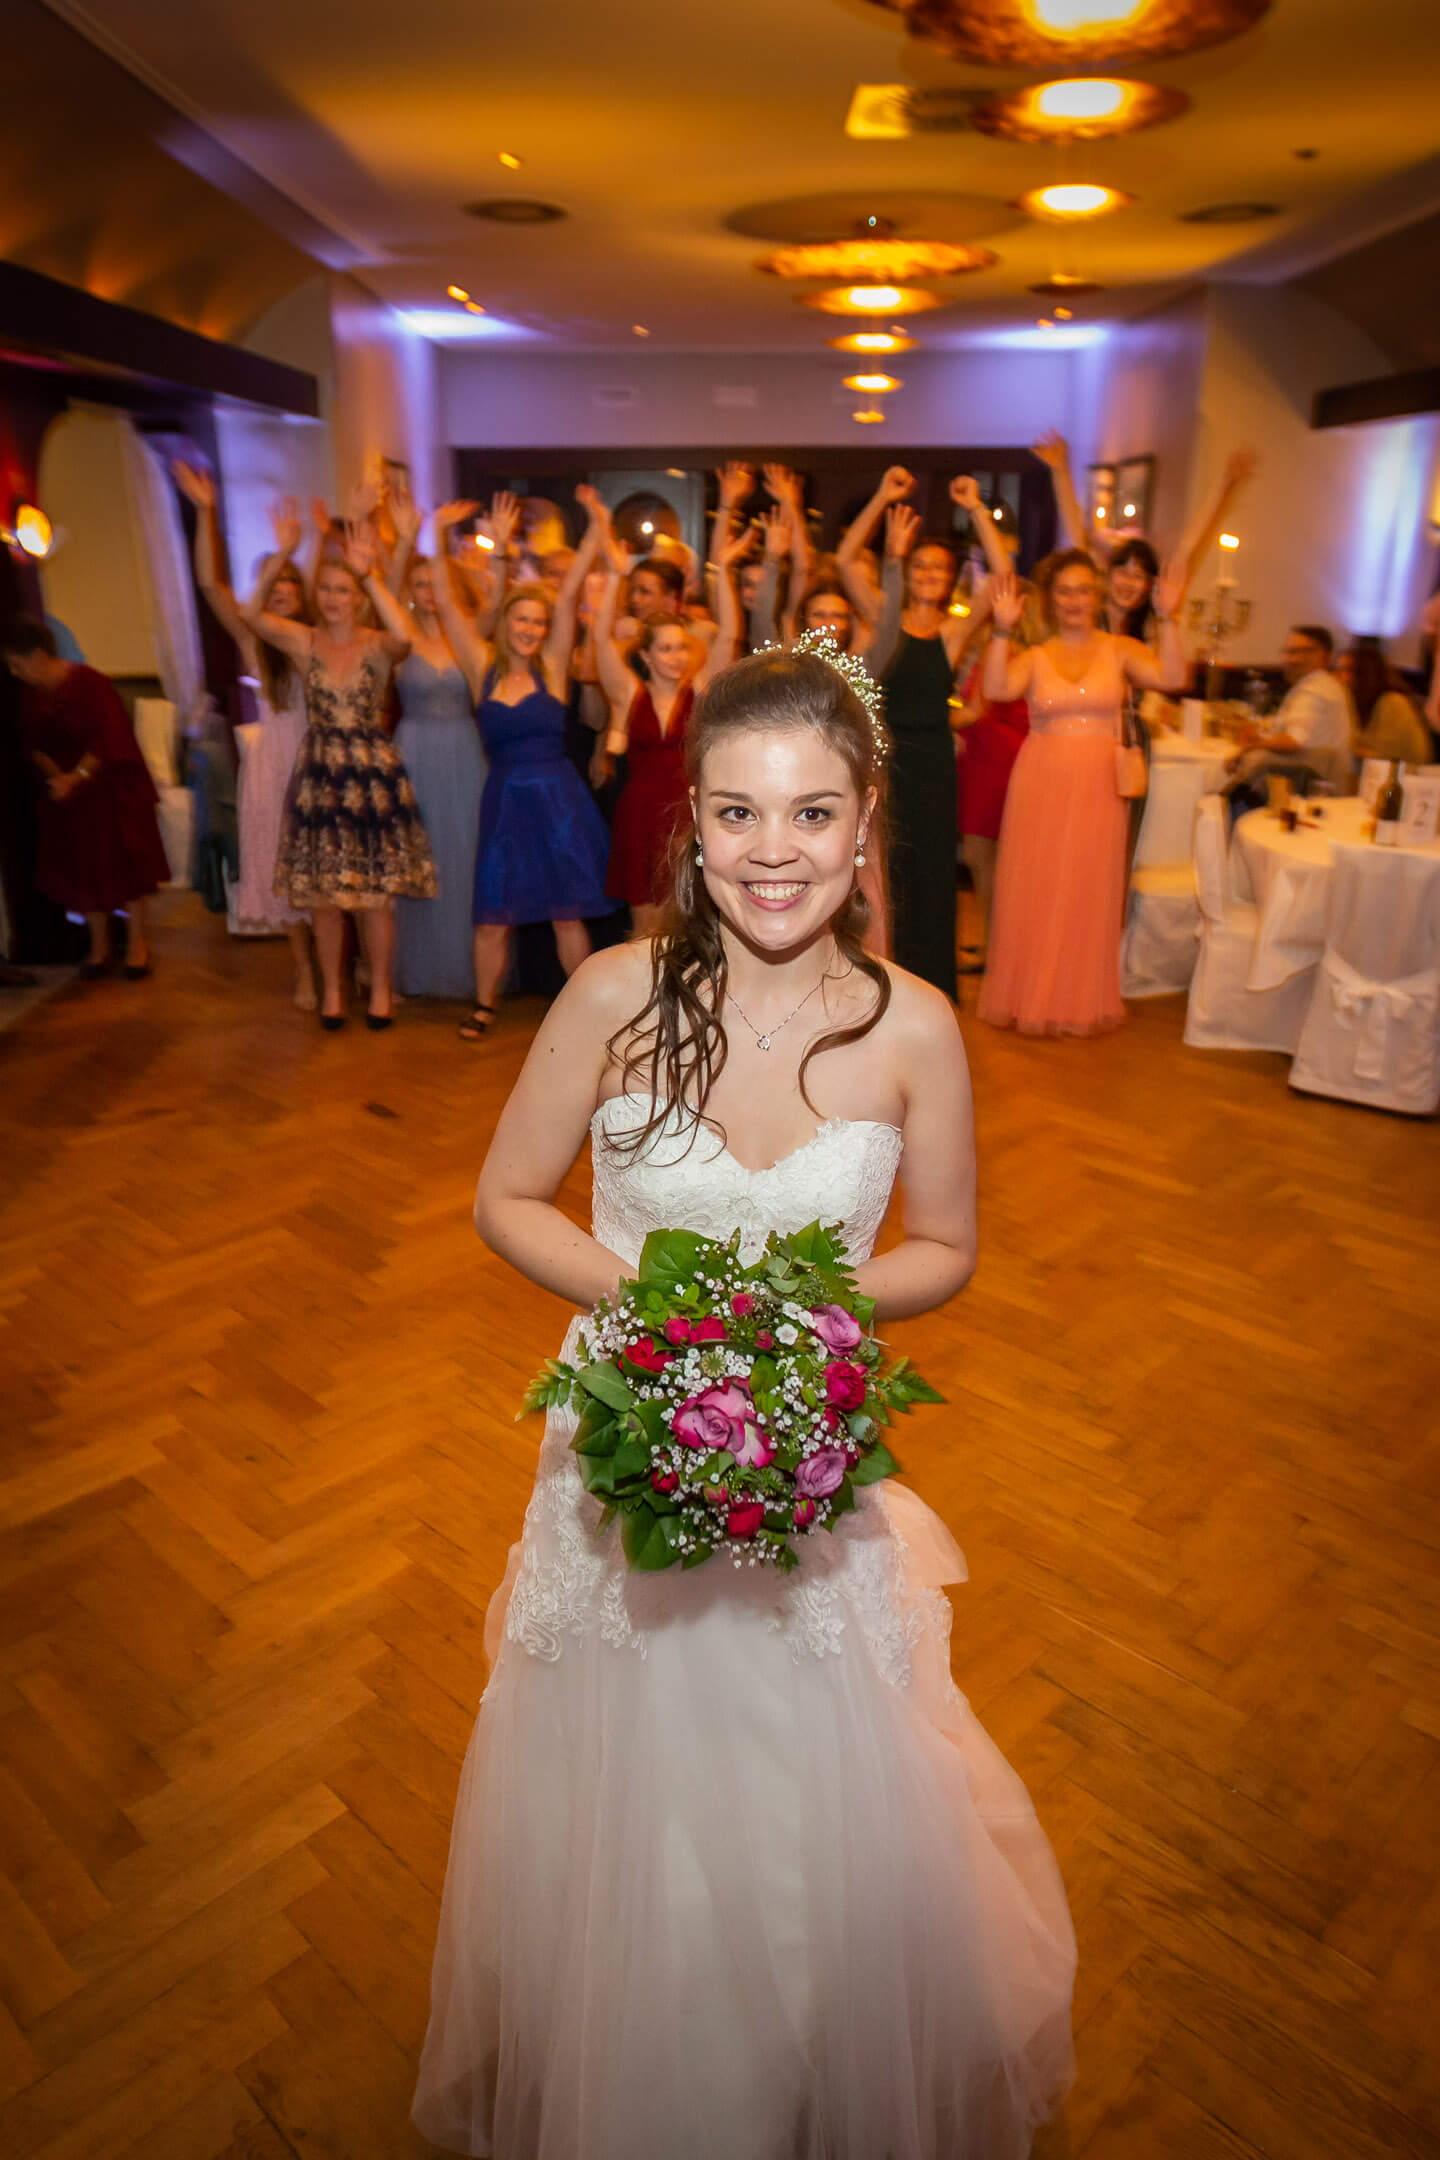 Die Braut kurz vor dem Wurf vom Brautstrauss